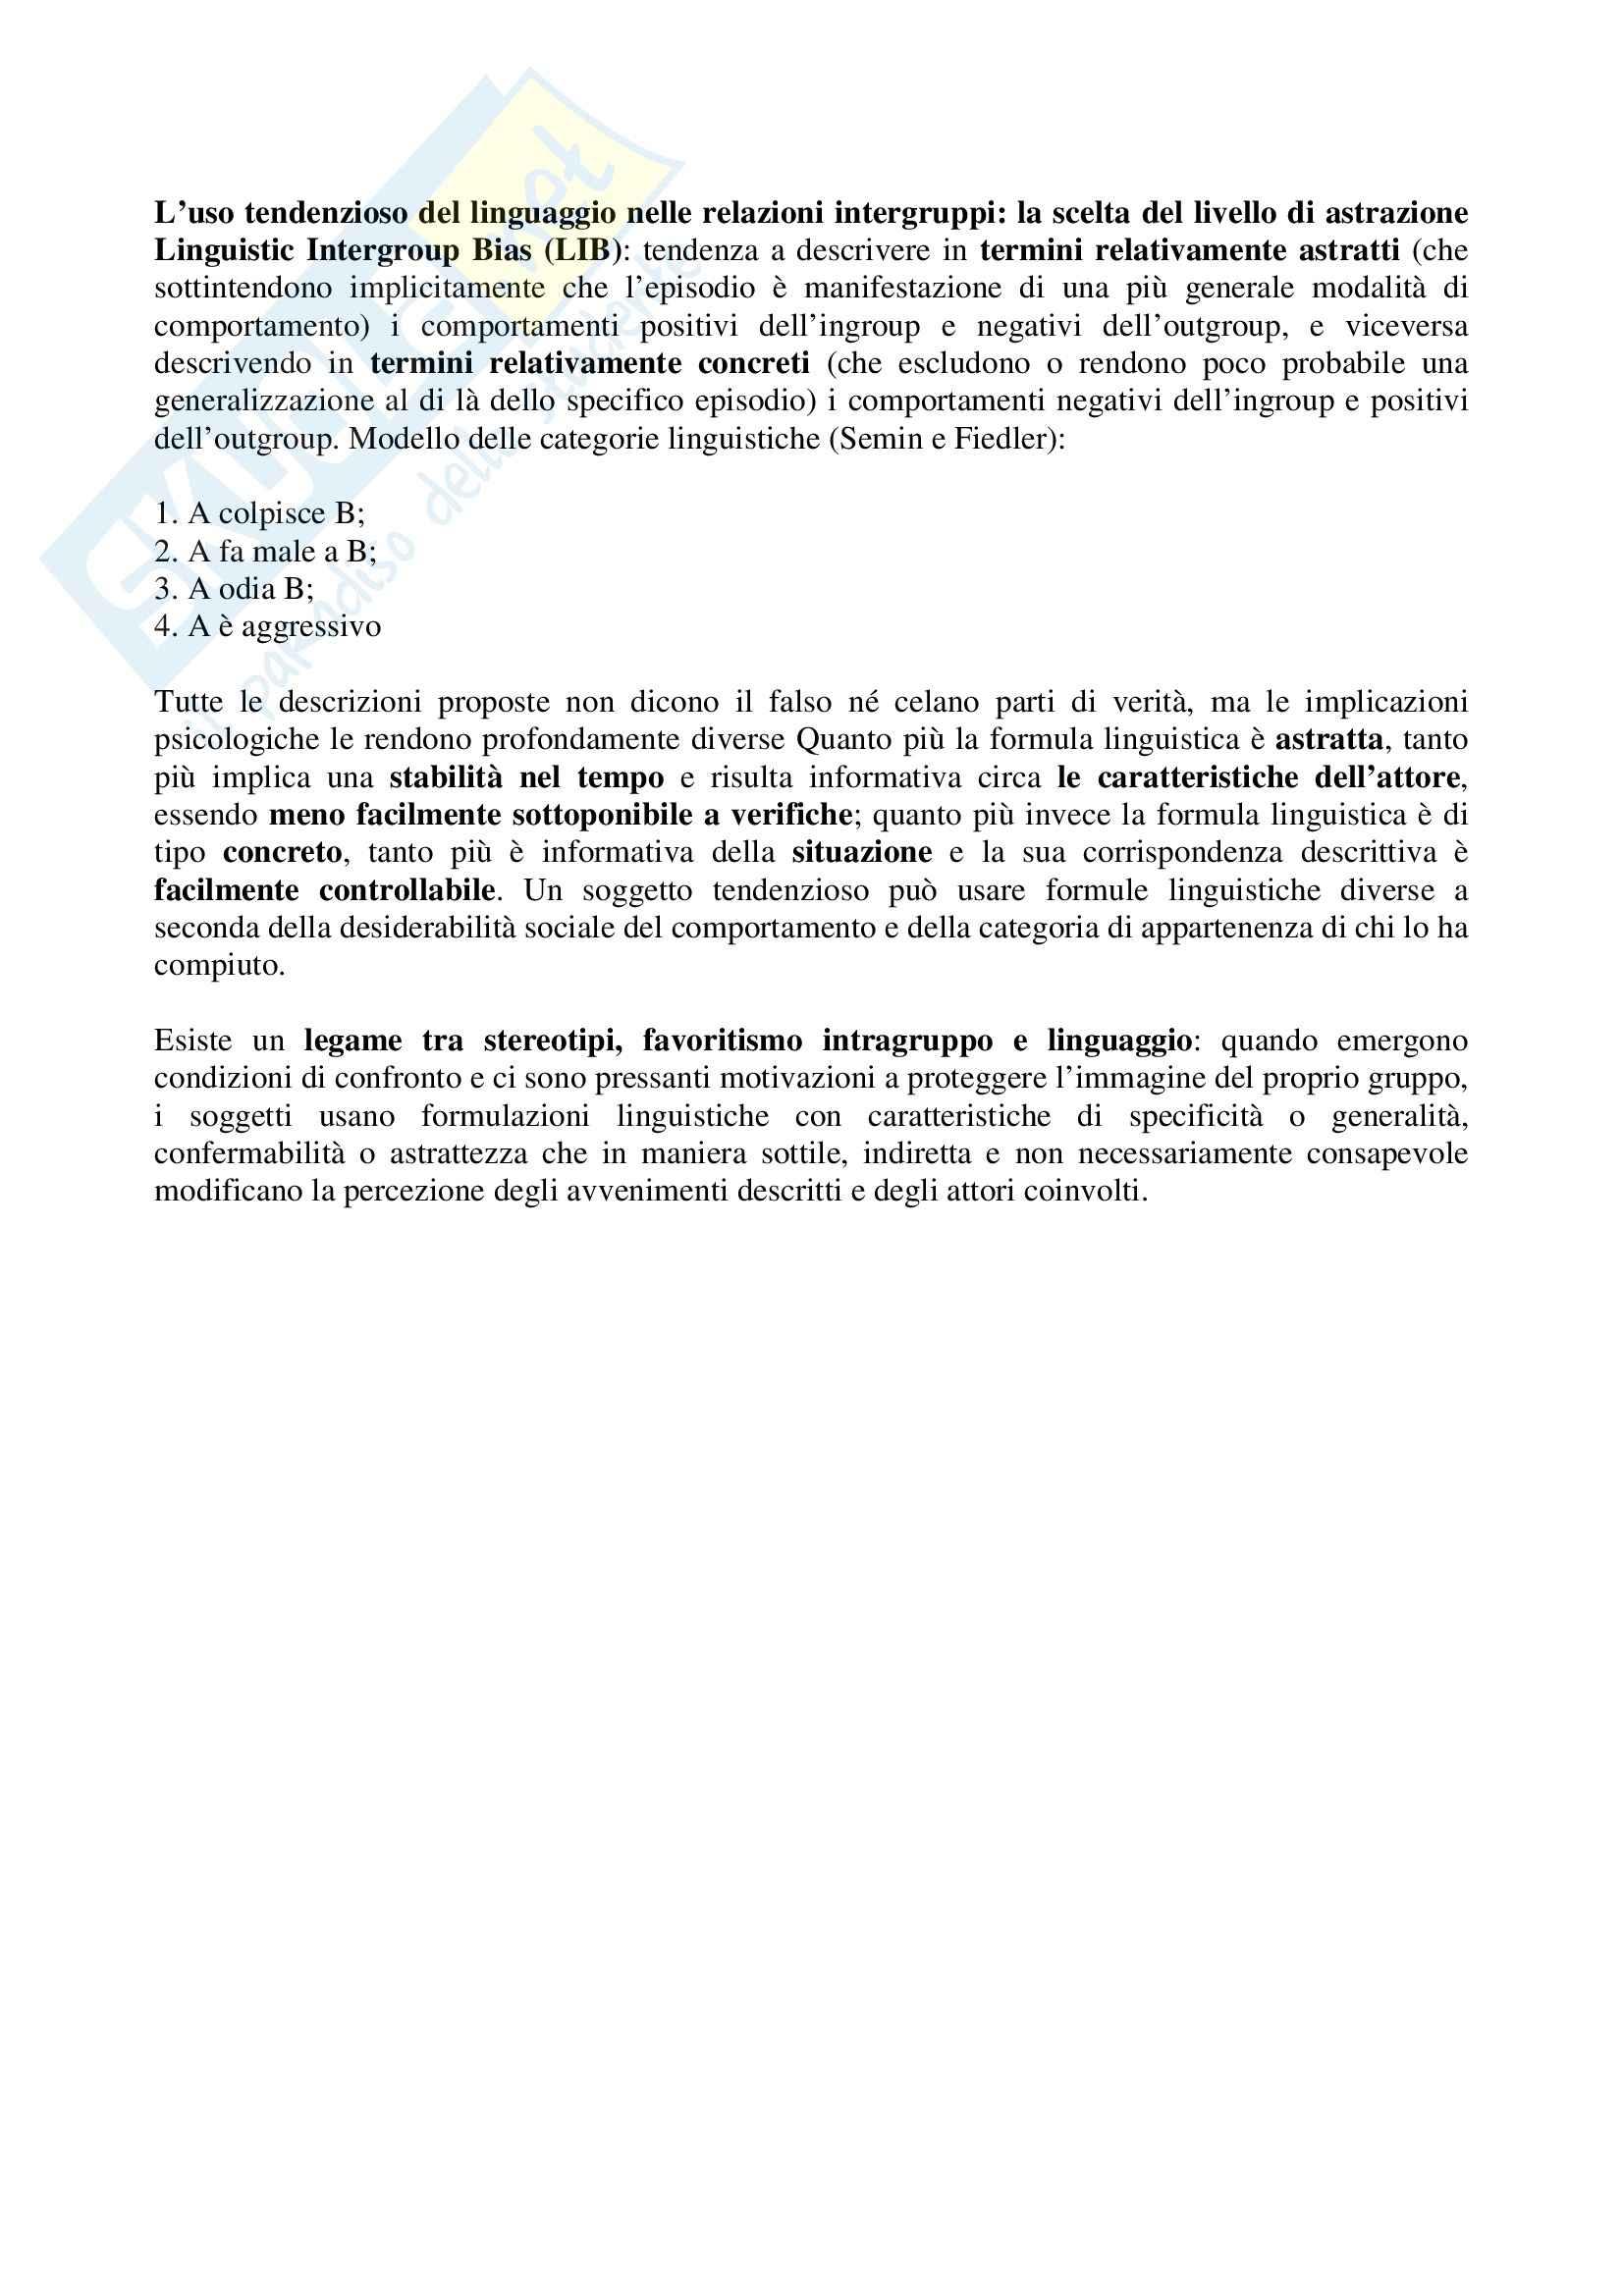 Riassunto esame Psicologia, testo consigliato Gli stereotipi, Arcuri, Cadinu Pag. 26